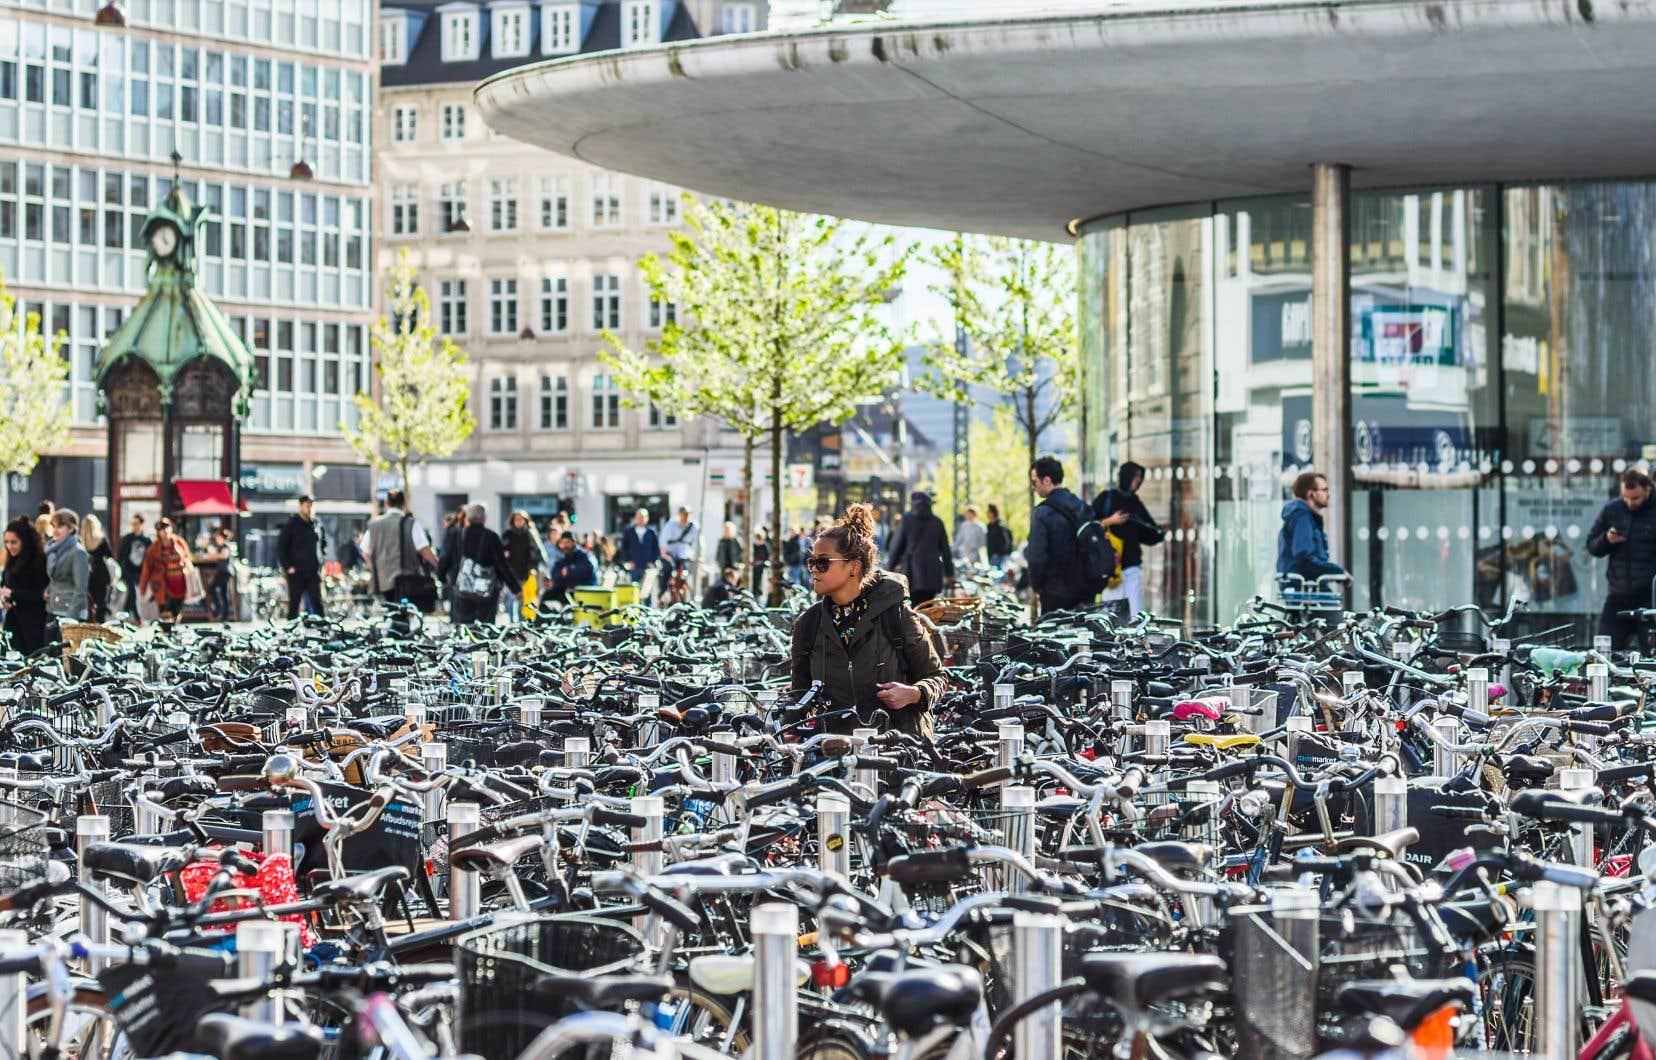 On dénombre environ 672 000 vélos à Copenhague, un nombre si élevé qu'il réduit les risques de vol, selon Marie Kastrup.